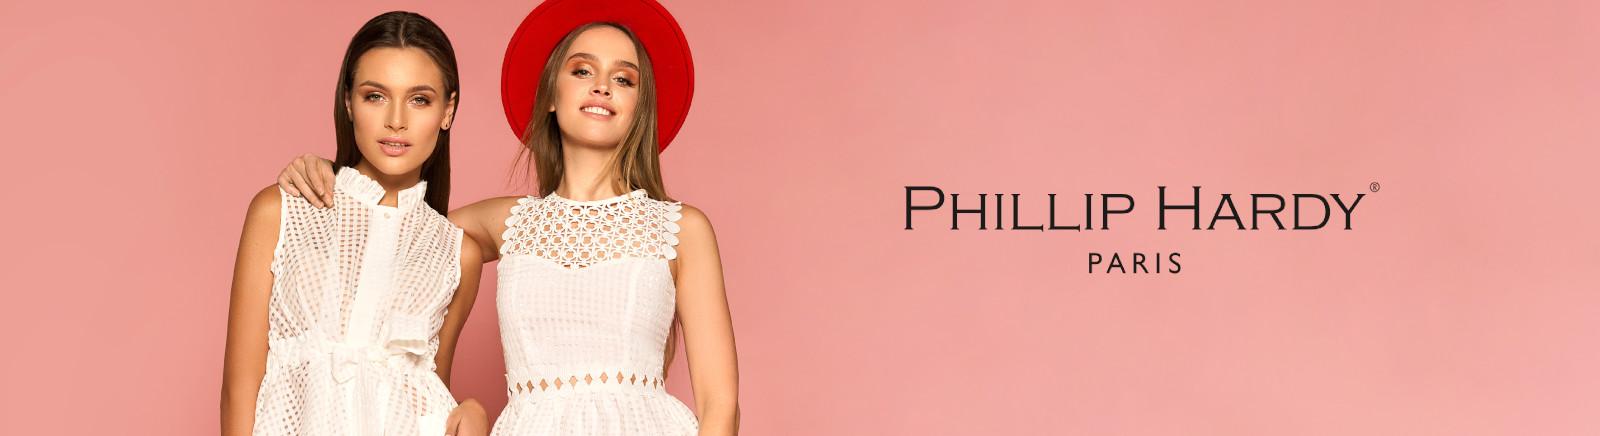 Elegante Phillip Hardy Damenschuhe online entdecken im Prange Schuhe Shop